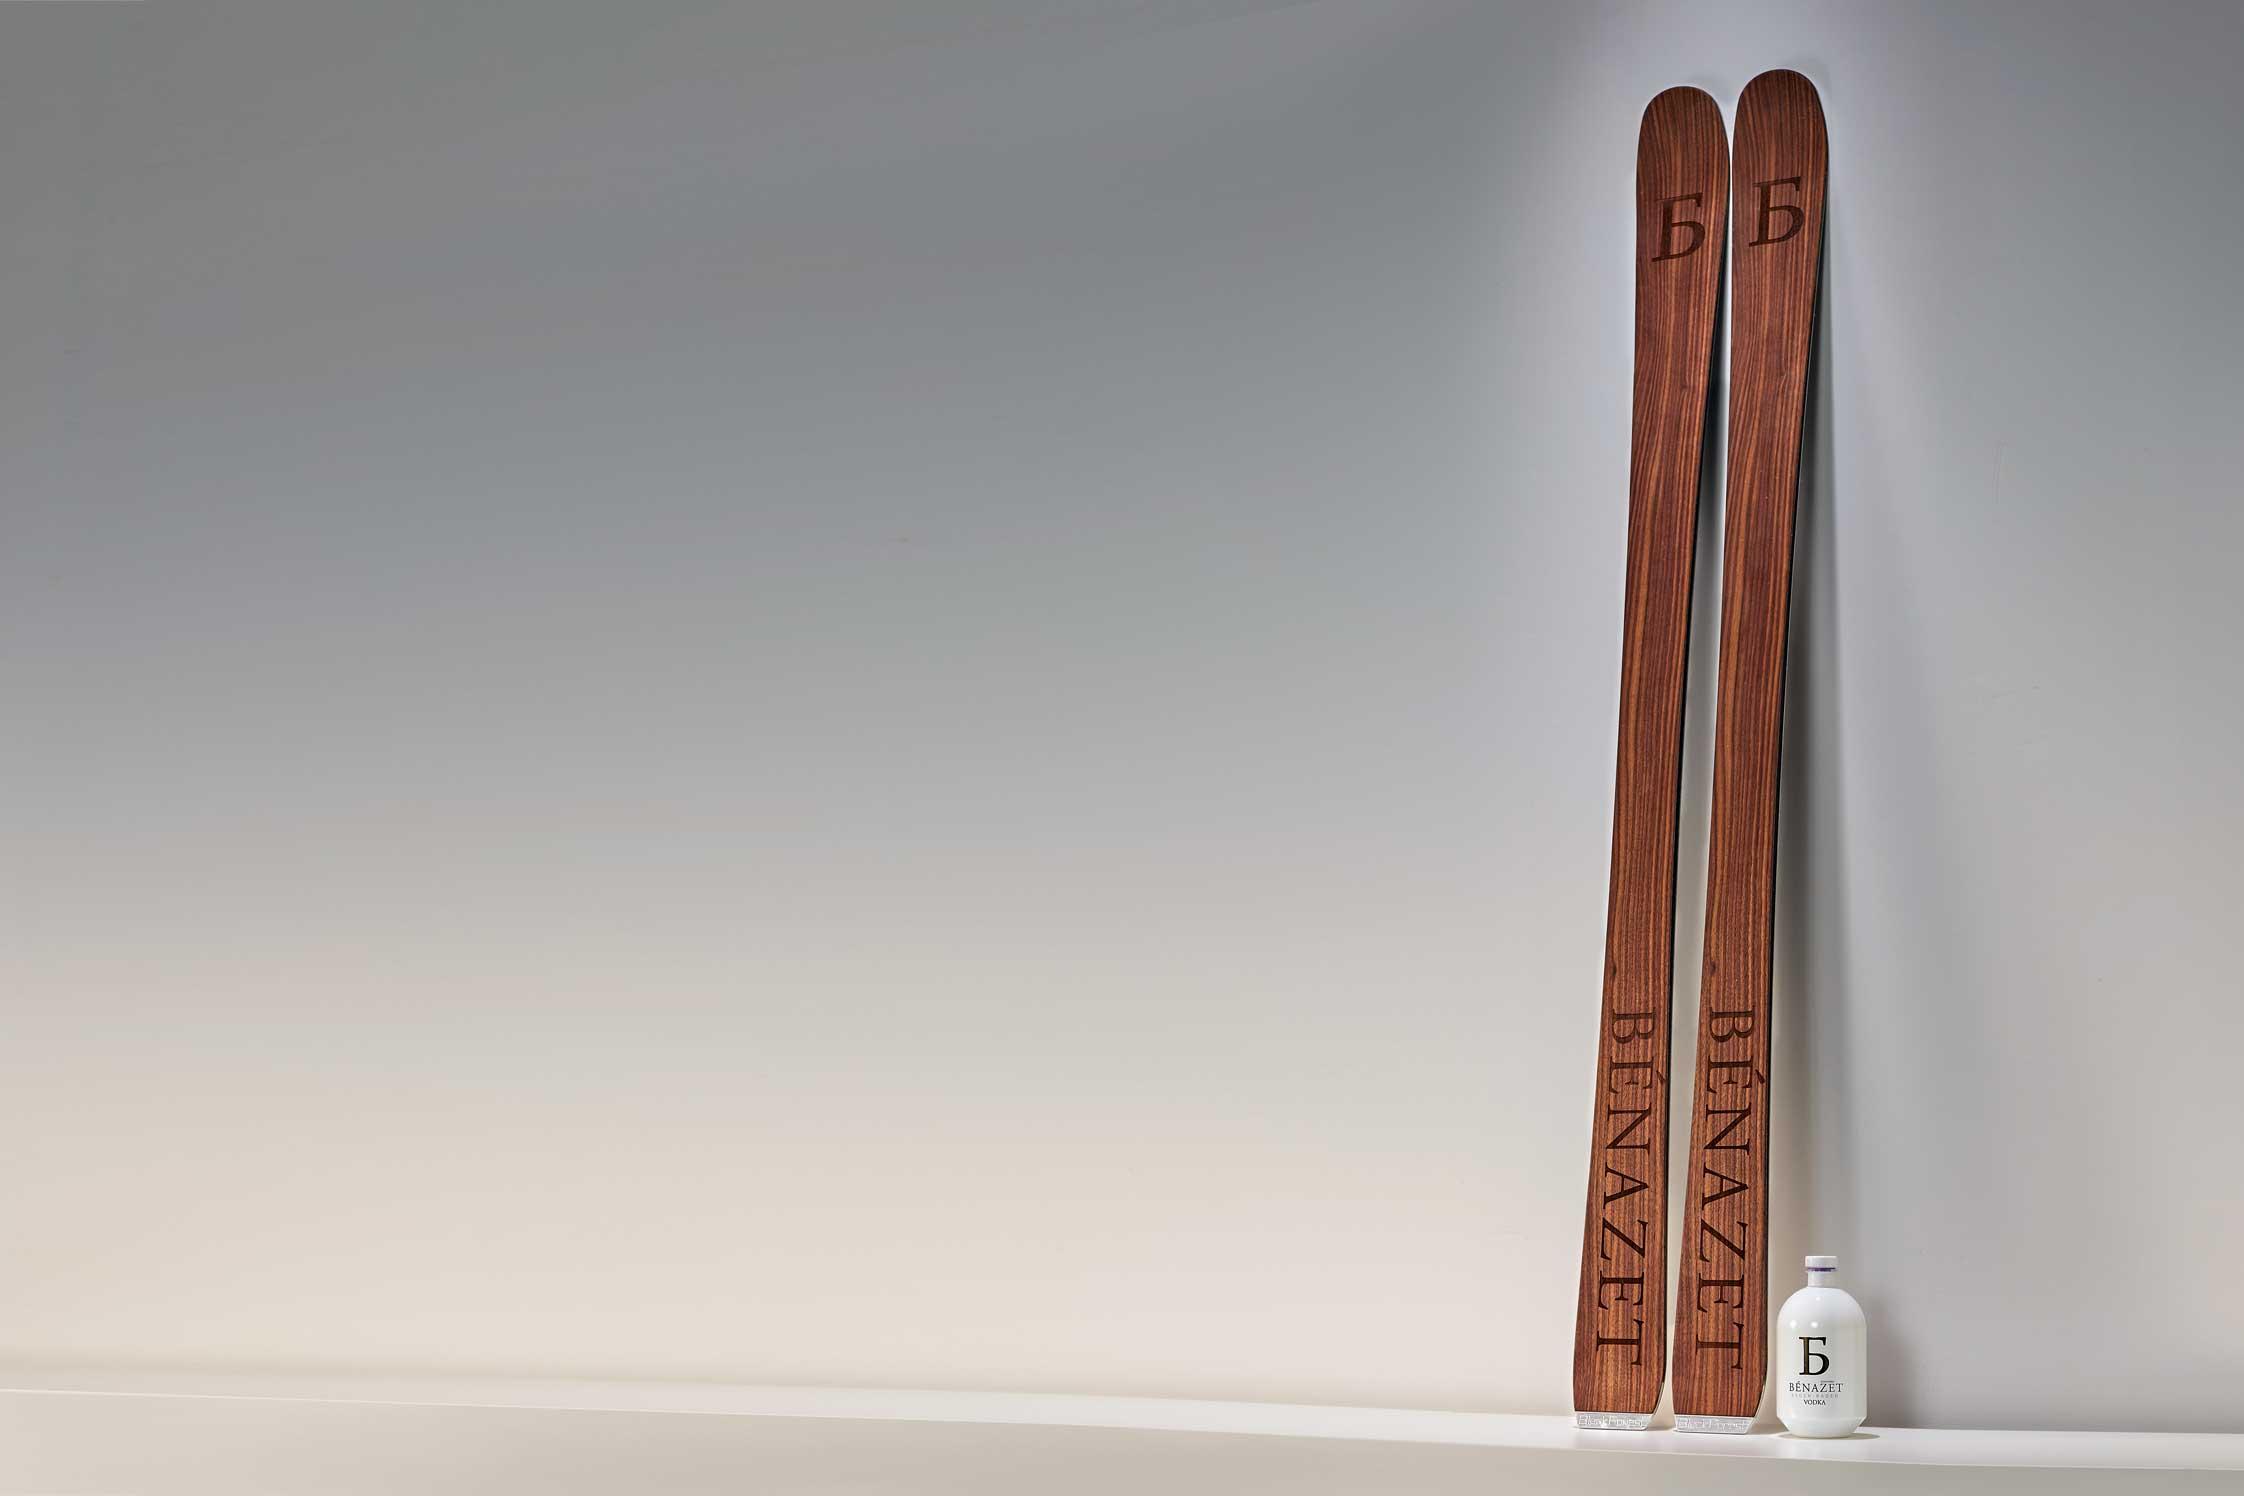 fotodesign Benazet-Ski and Benazet Vodka